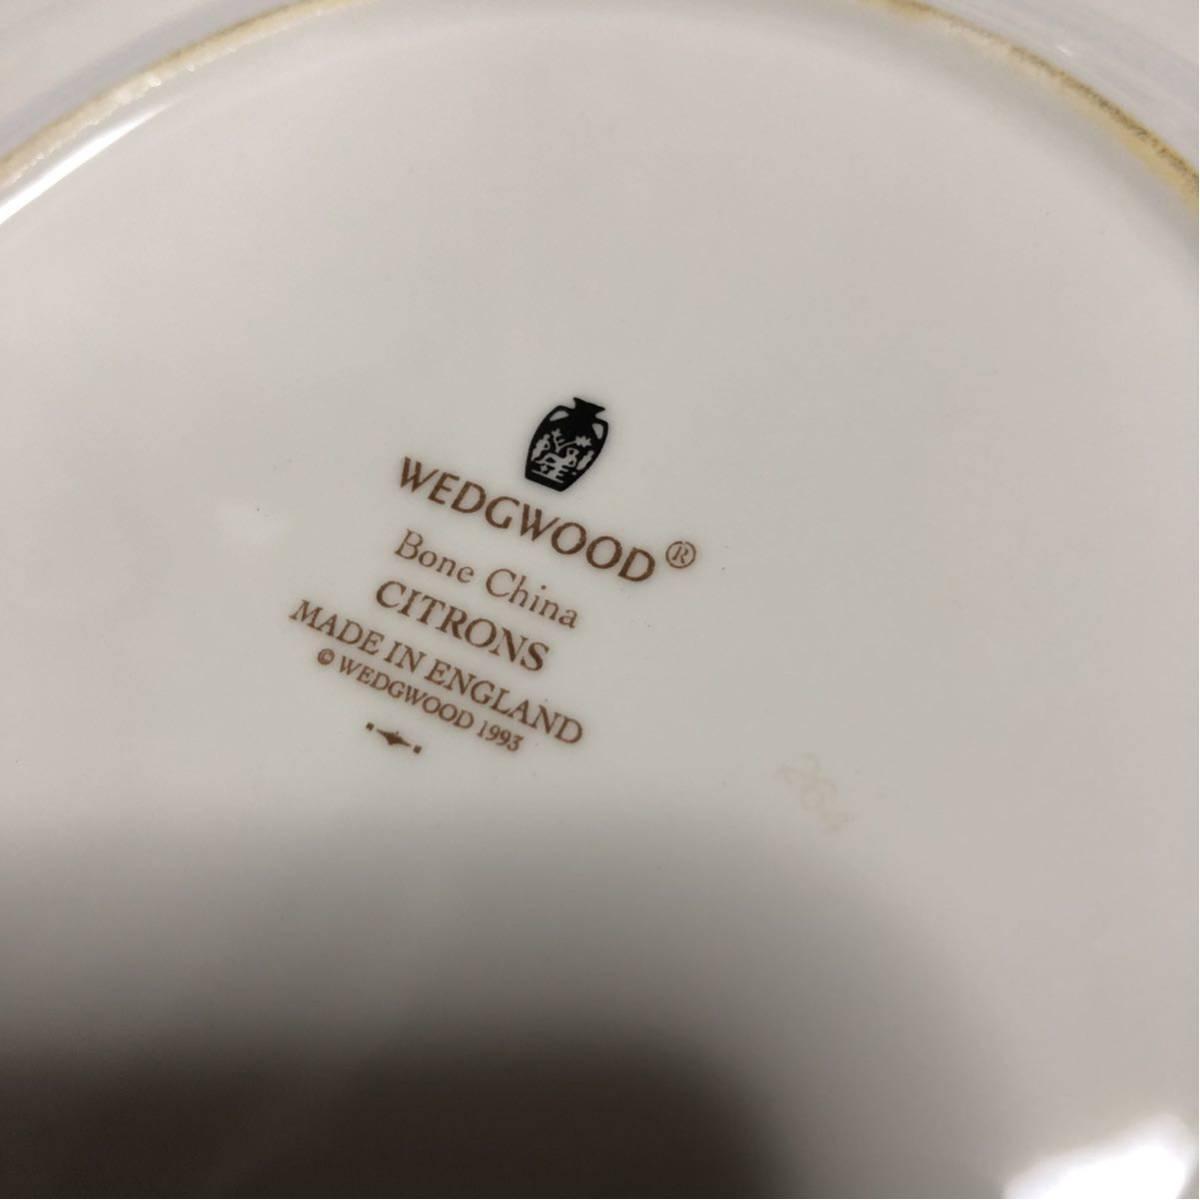 WEDGWOOD ウェッジウッド CITRONS 1993 シトロン レモン 皿 プレート 大皿2枚 小皿5枚_画像5